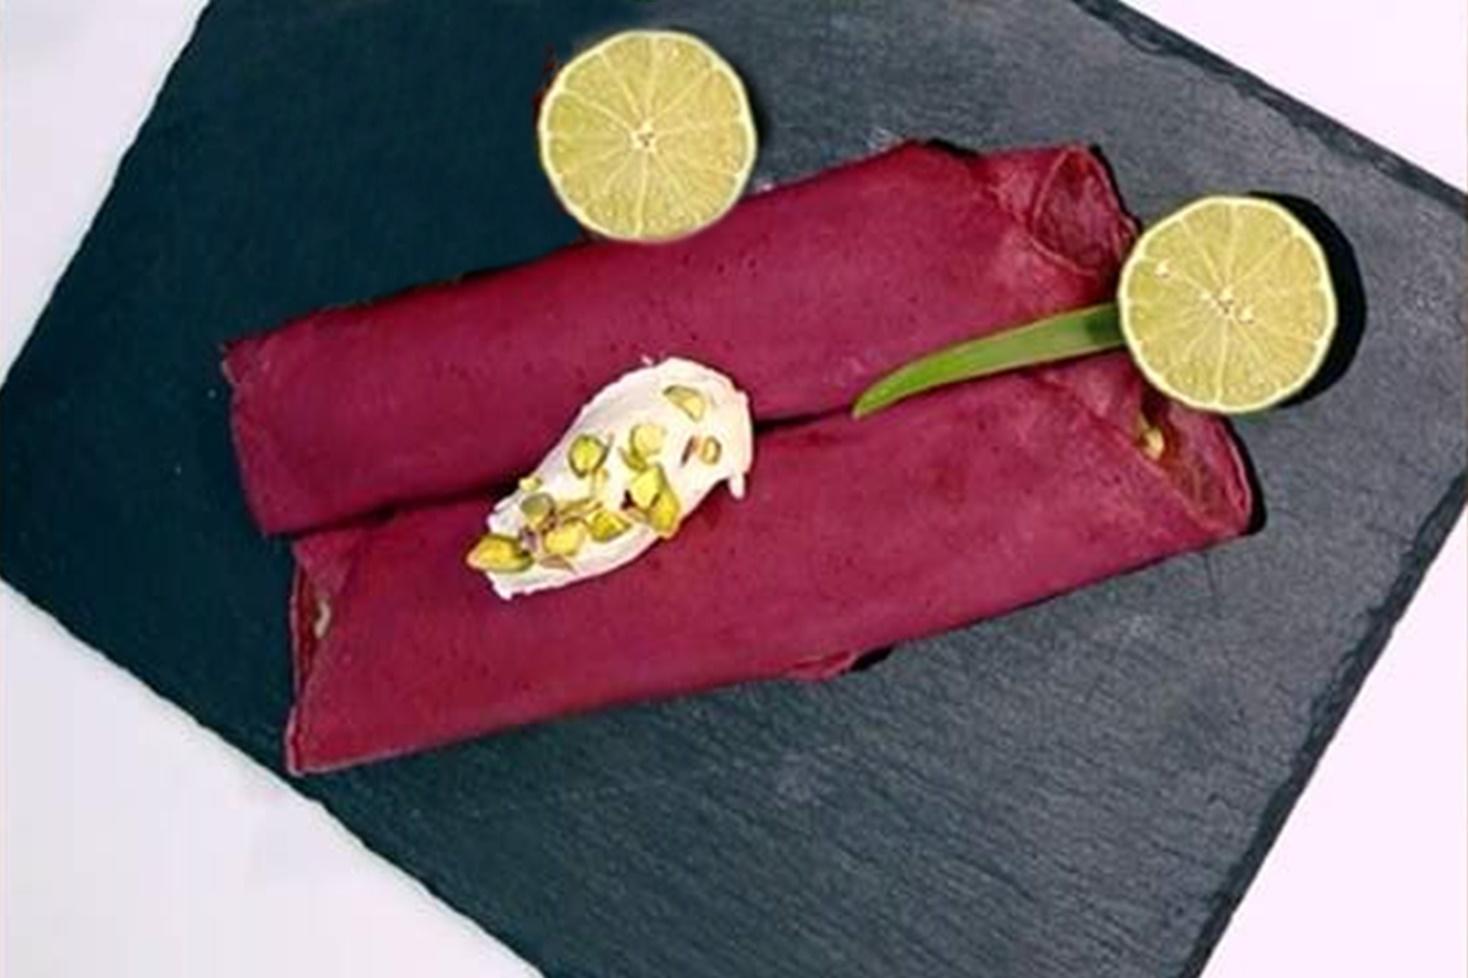 Rețetă de clătite cu sfeclă roșie și umplutură de guacamole, gătită de Vlăduț la Neatza cu Răzvan și Dani